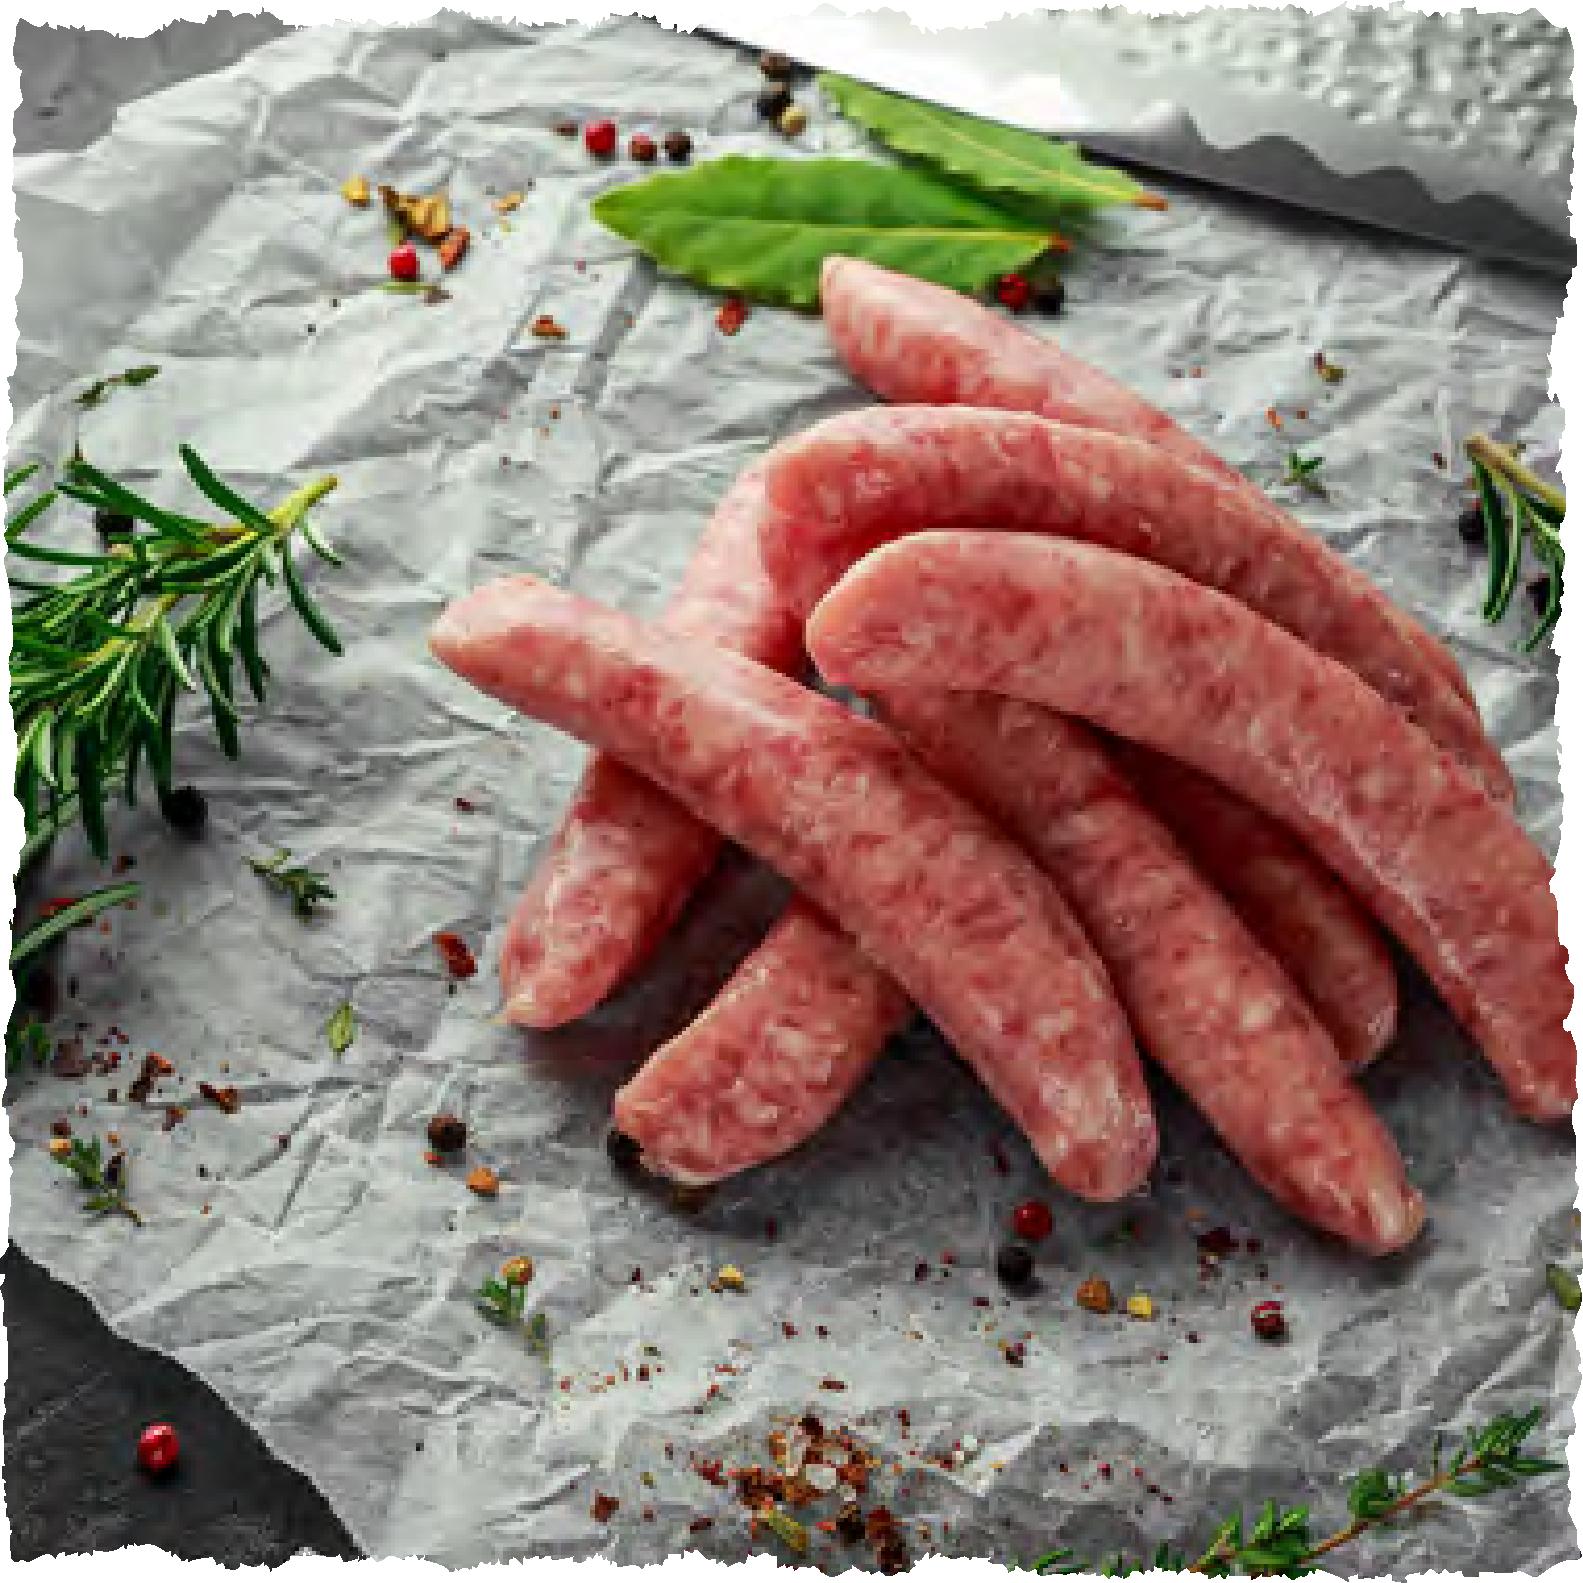 sausage-supplier